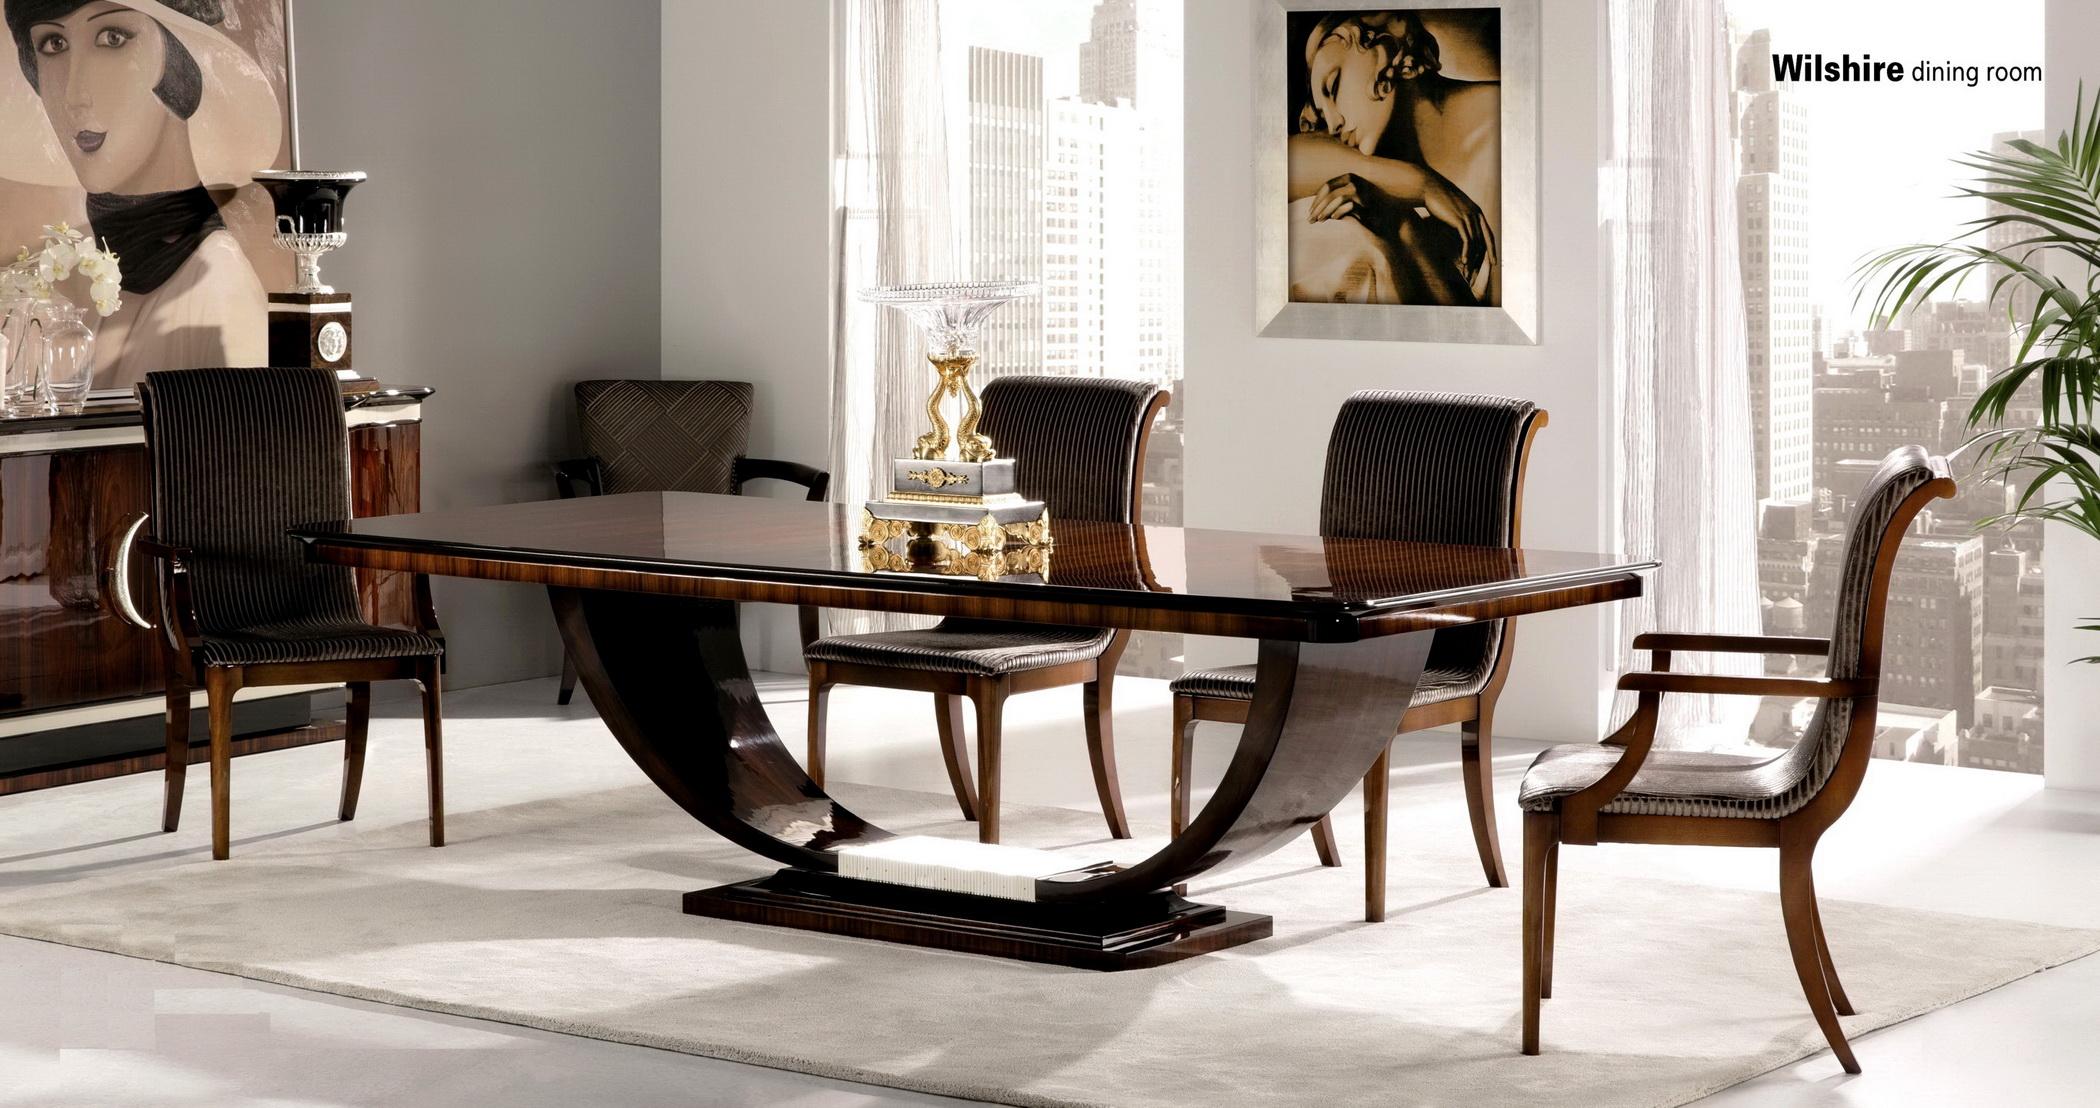 Atractivo muebles de marcas contempor neas friso muebles for Marcas de muebles